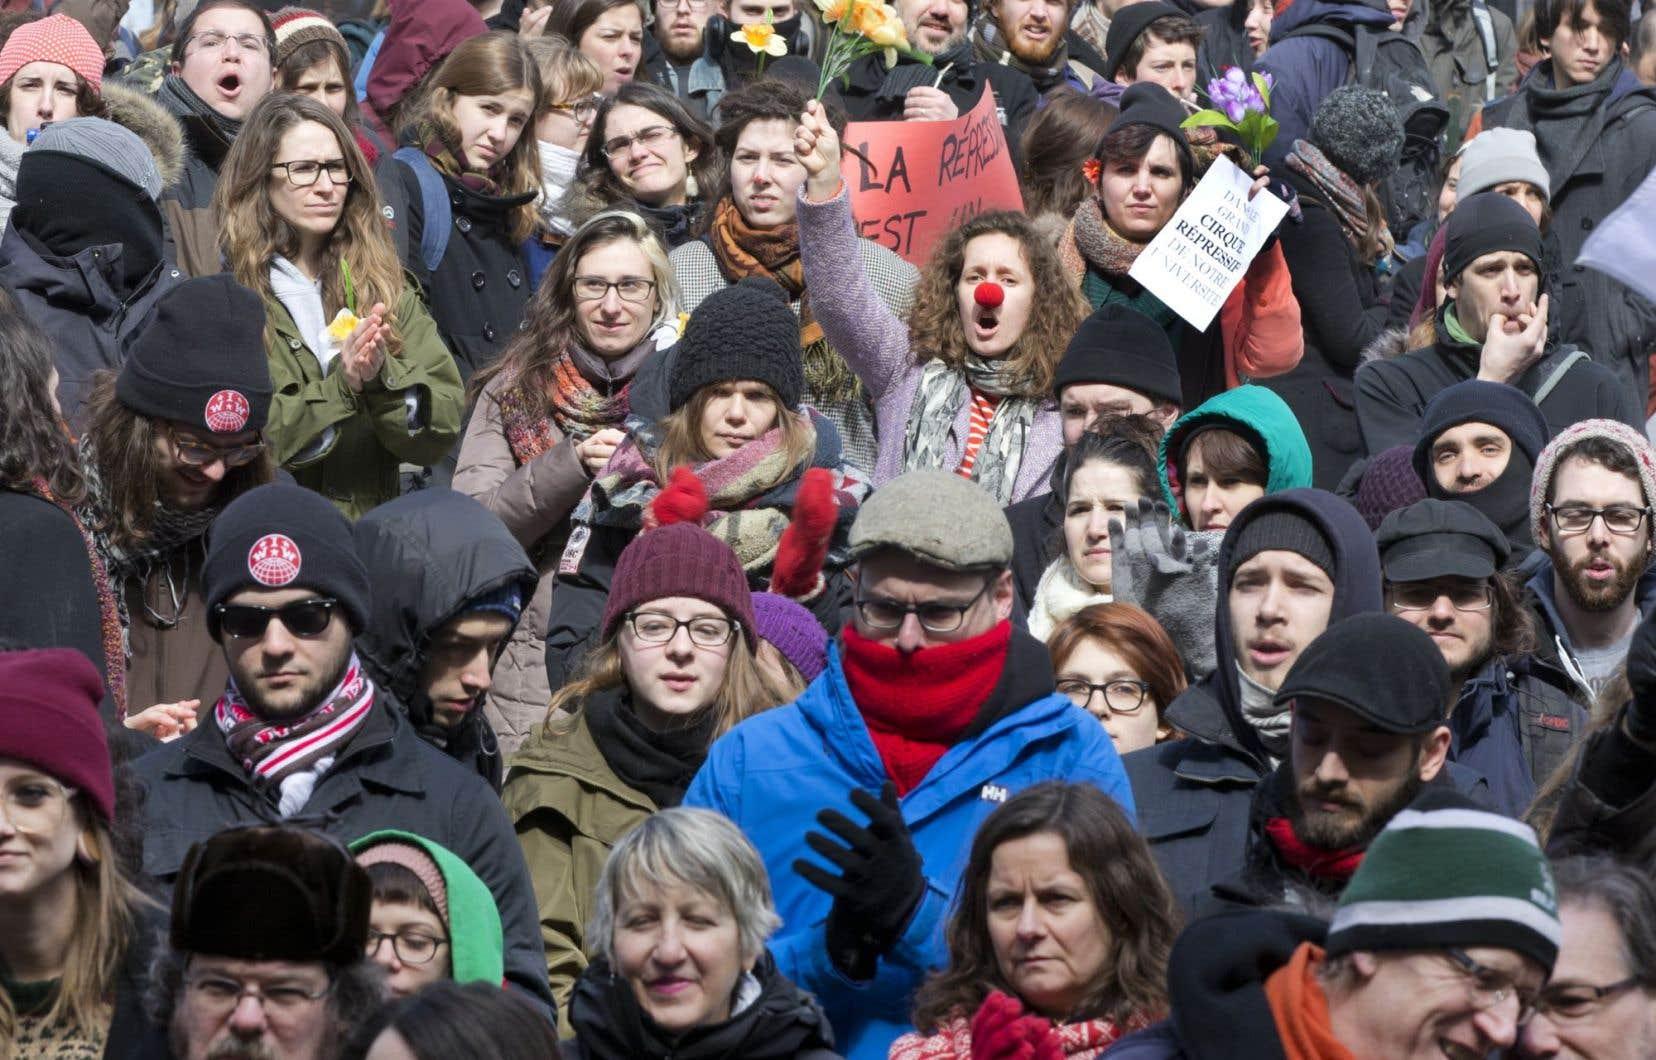 On critique les étudiants, on les accuse d'être peu éloquents, mais on ne leur donne pas la parole. Le seul moyen restant est la rue.